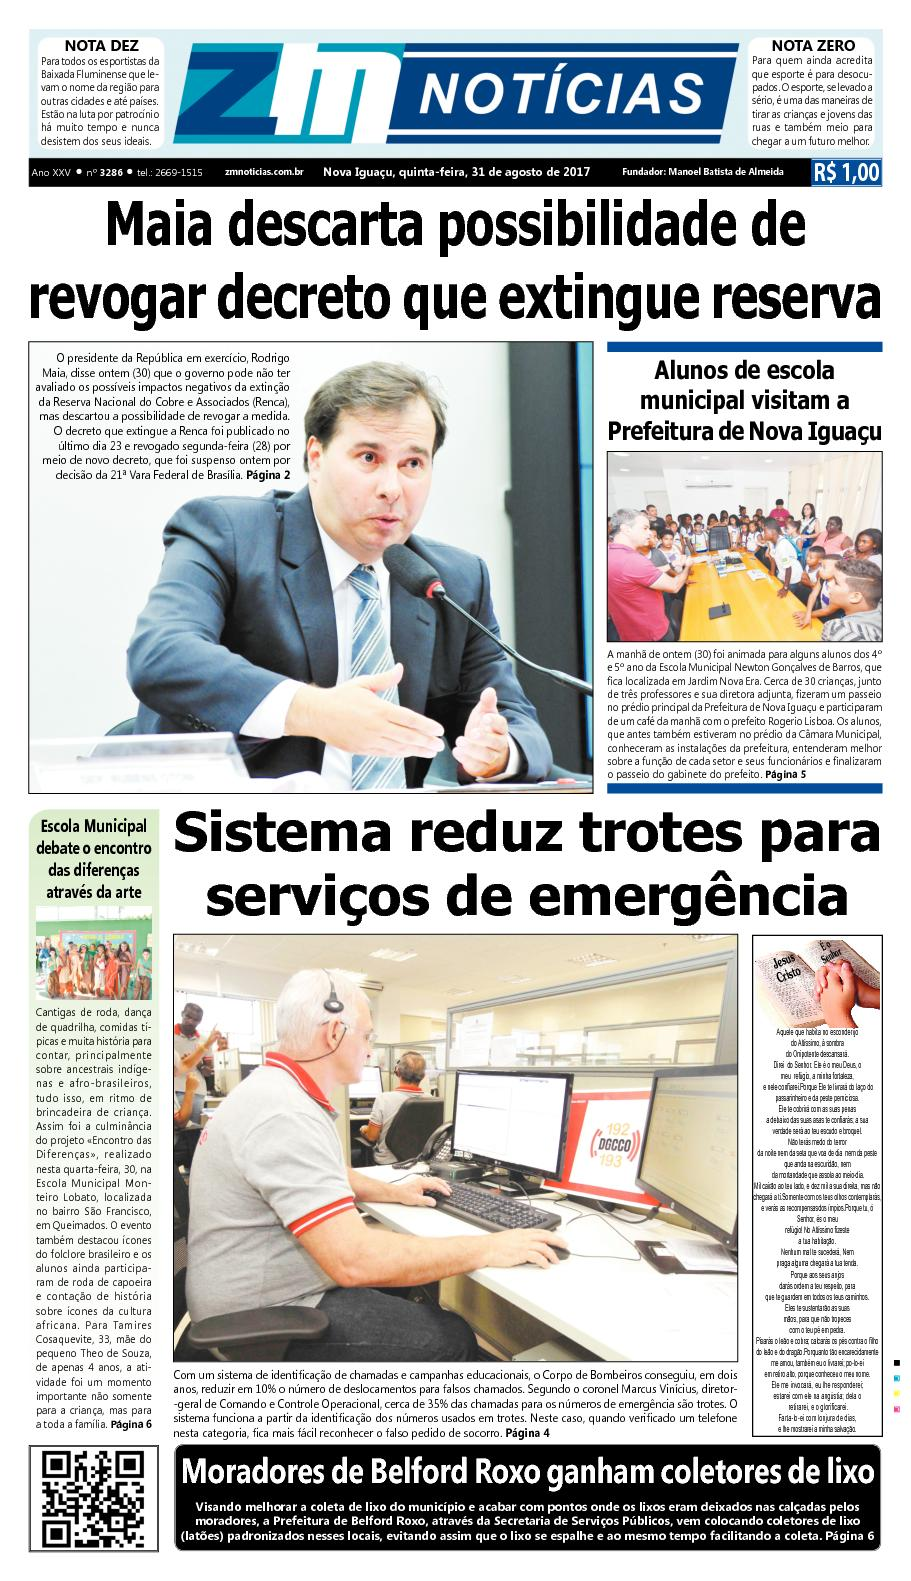 ZM Noticias - Edição 310817